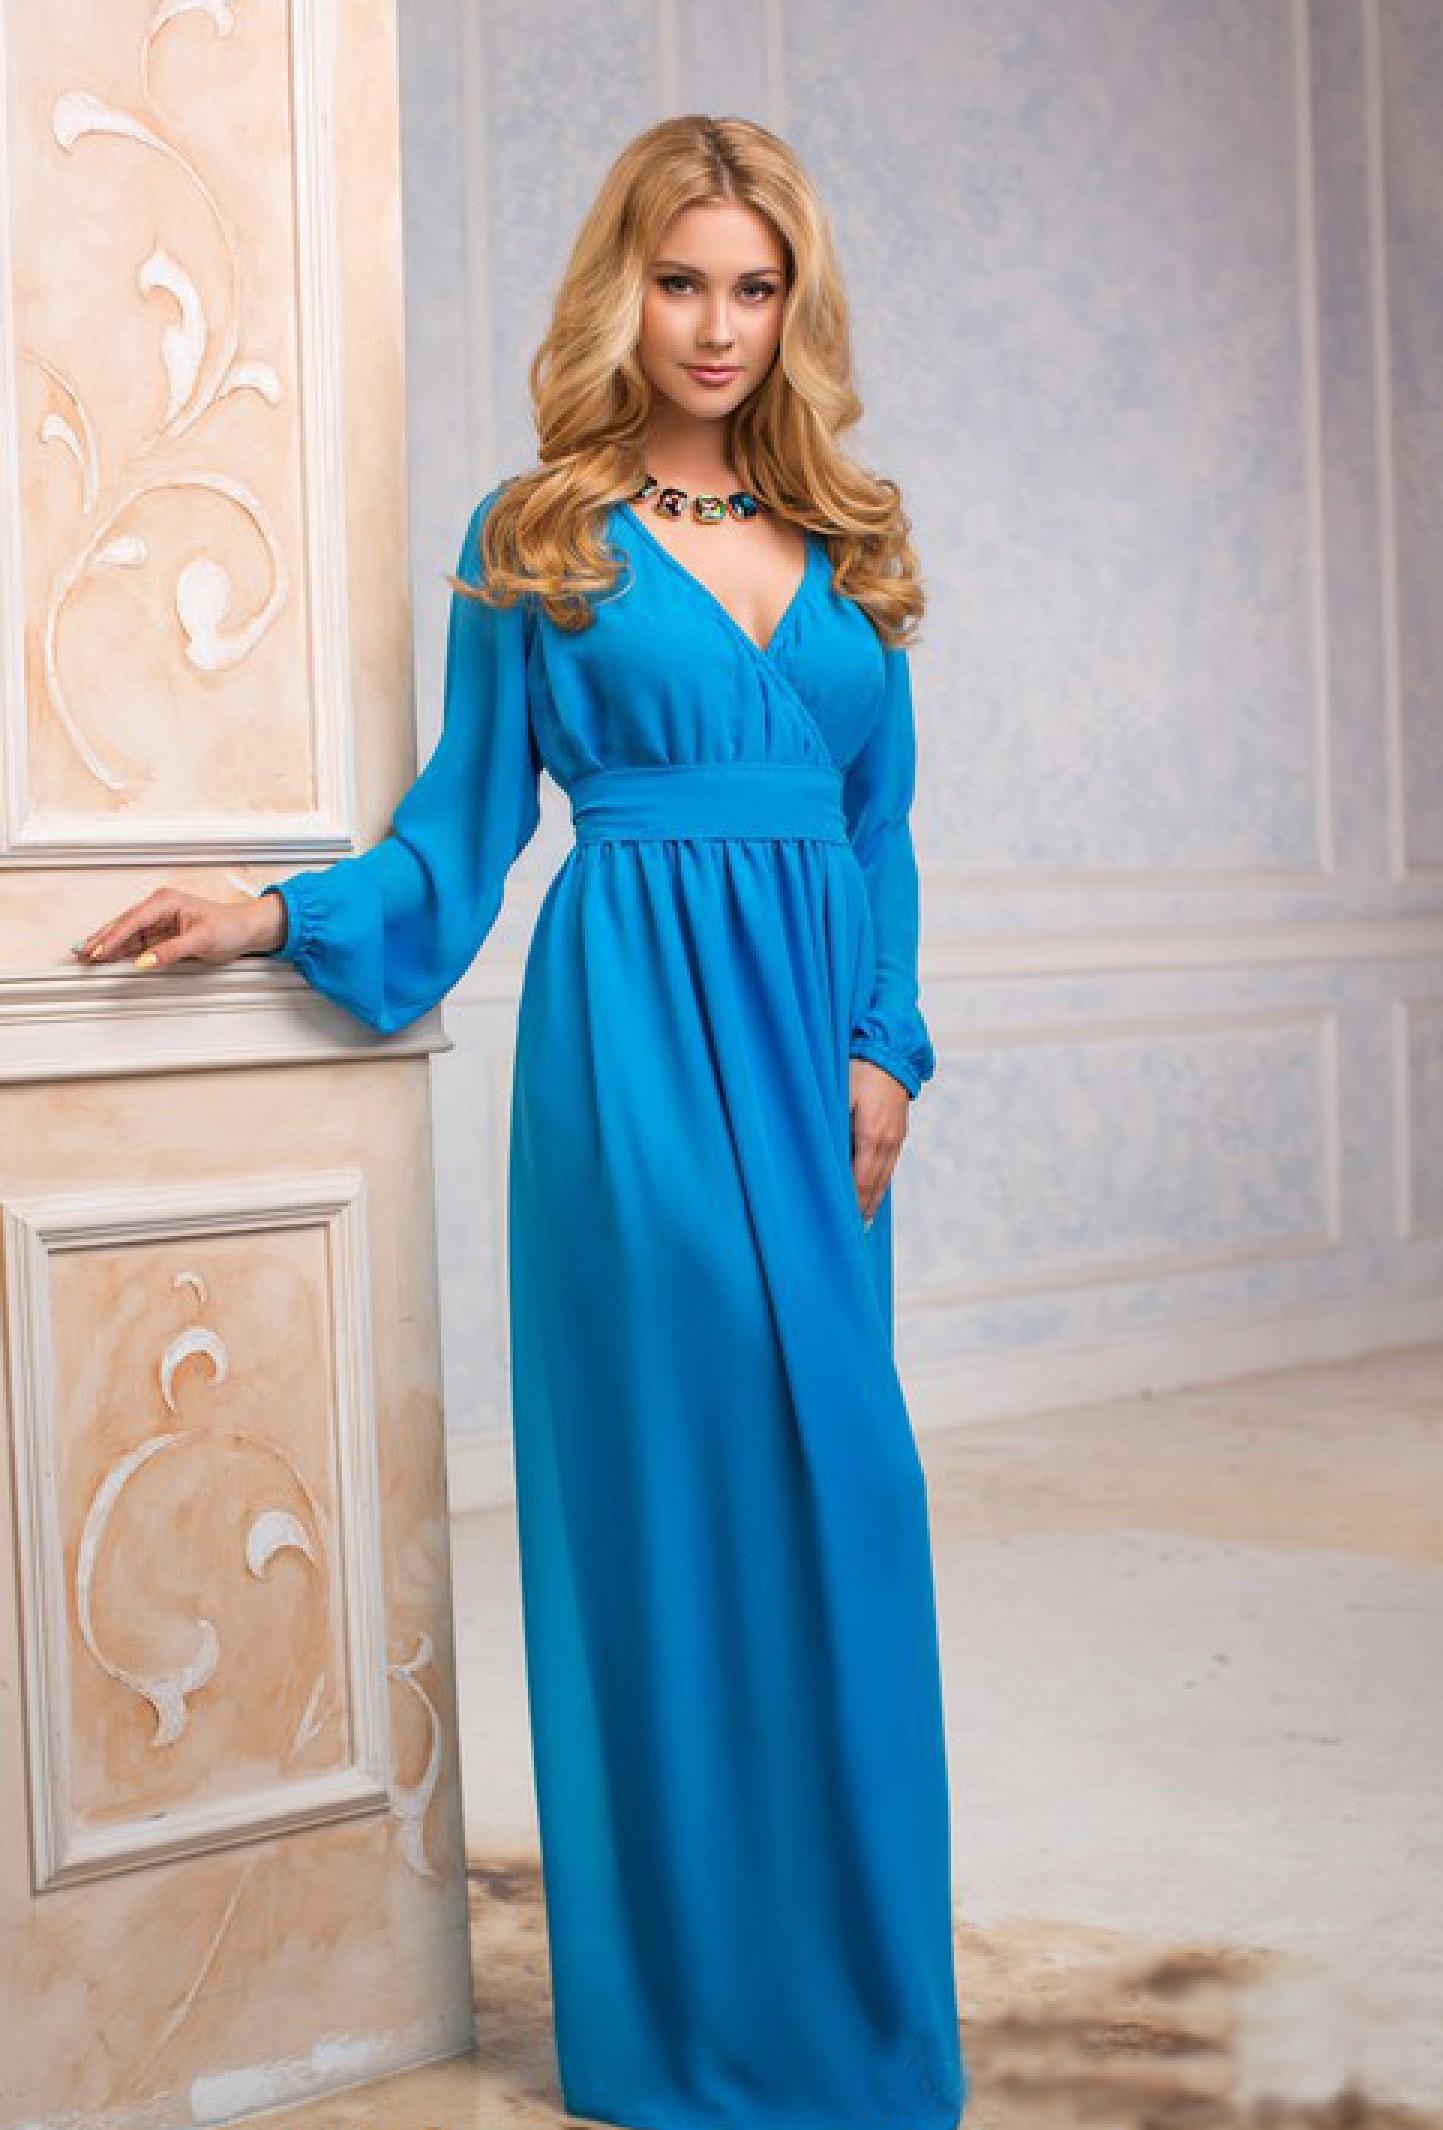 Модная одежда 50 52 размера - Модная одежда 2011